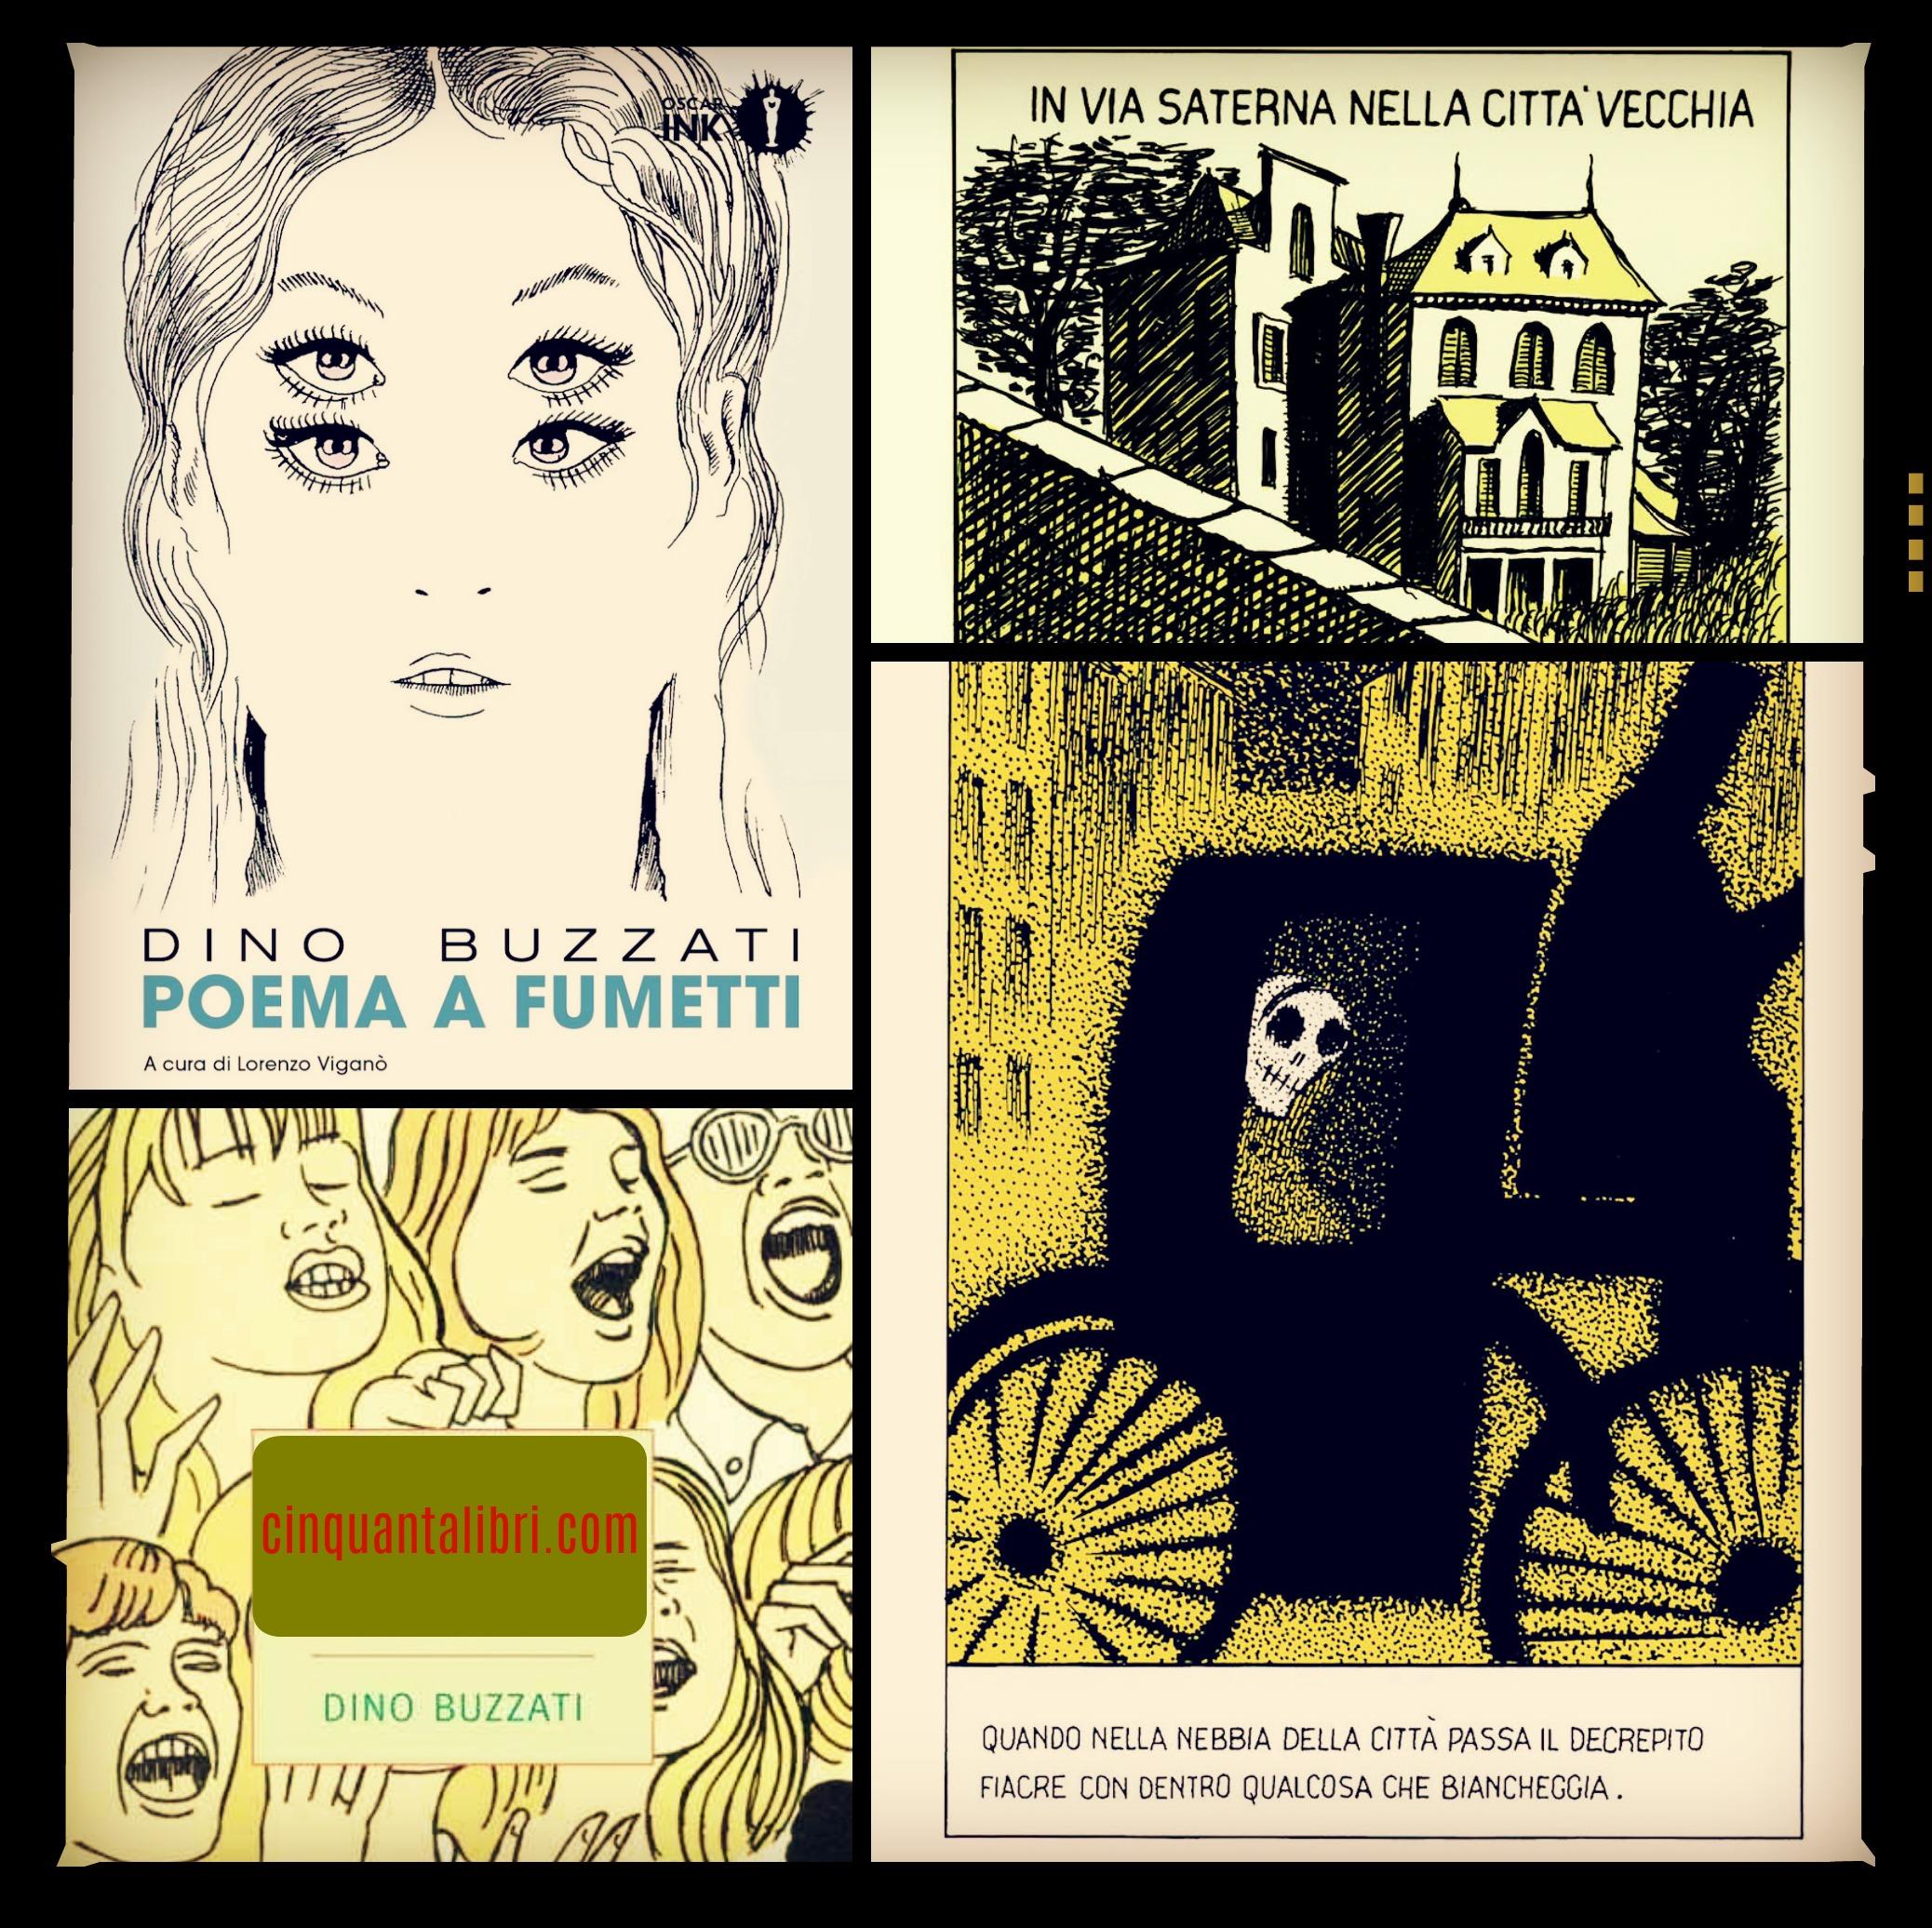 Poema A Fumetti Dino Buzzati Dinobuzzati Barbarafacciott 50 Libri In Un Anno